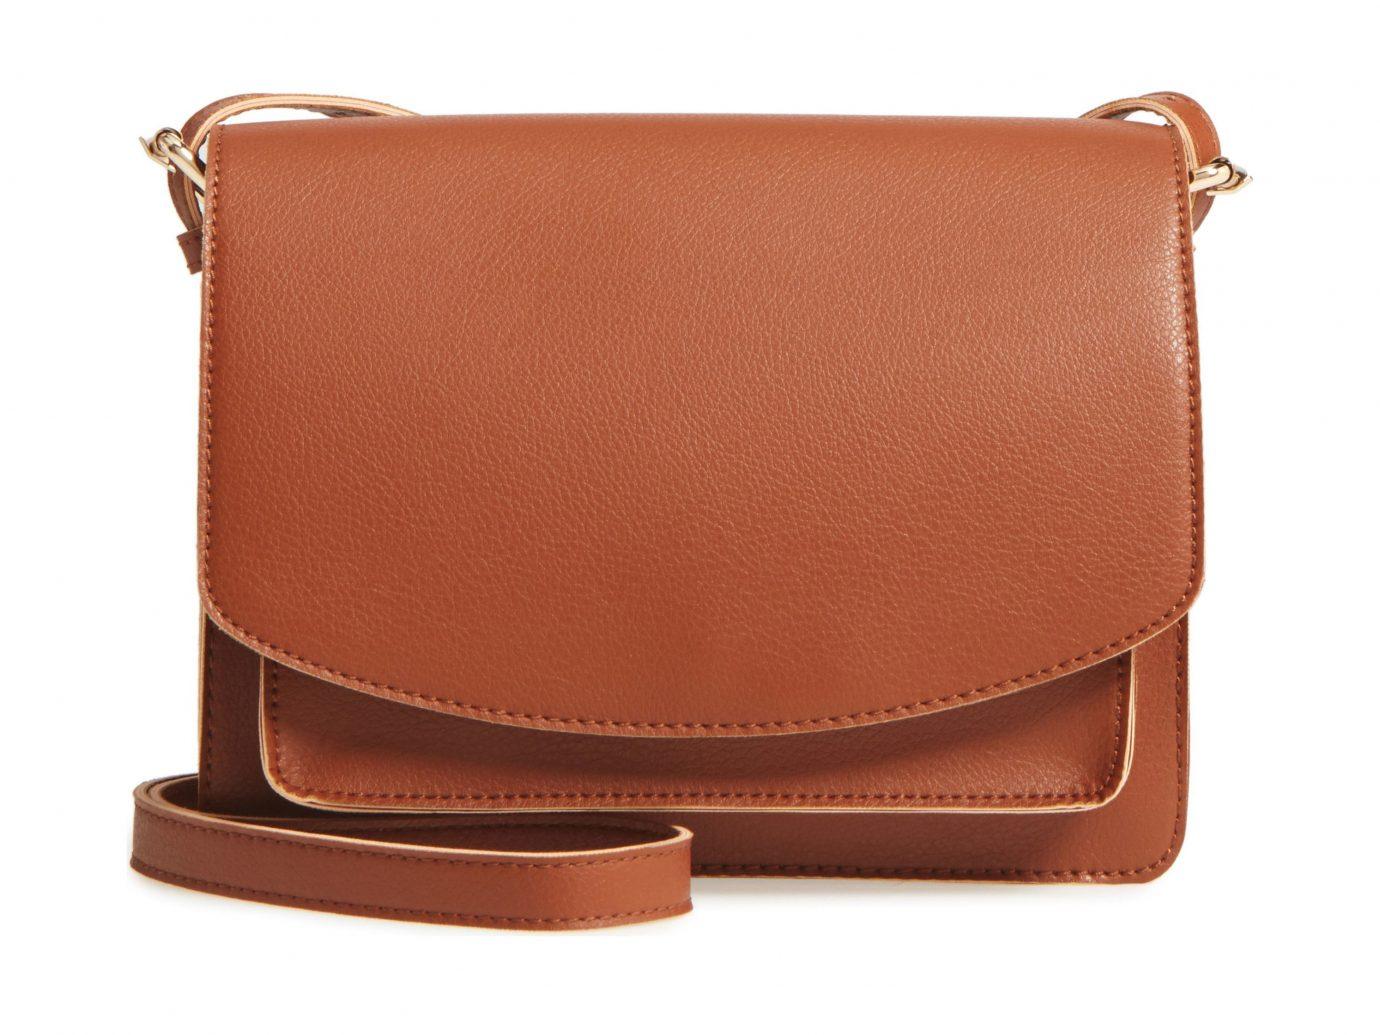 Morocco Packing Tips Style + Design Travel Shop bag brown leather shoulder bag product messenger bag handbag caramel color product design peach strap